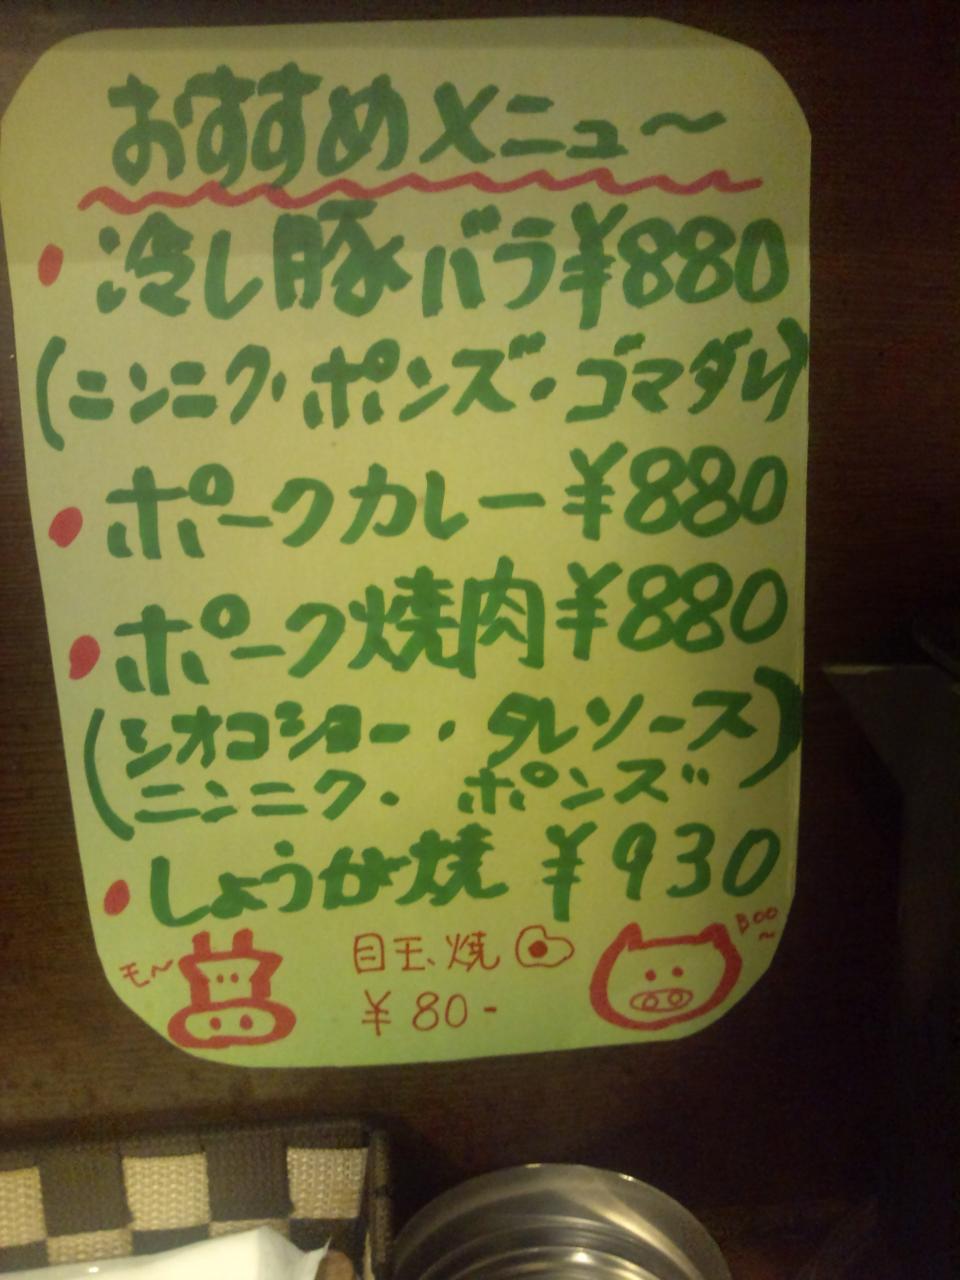 ステーキハウス おなかいっぱい(メニュー)